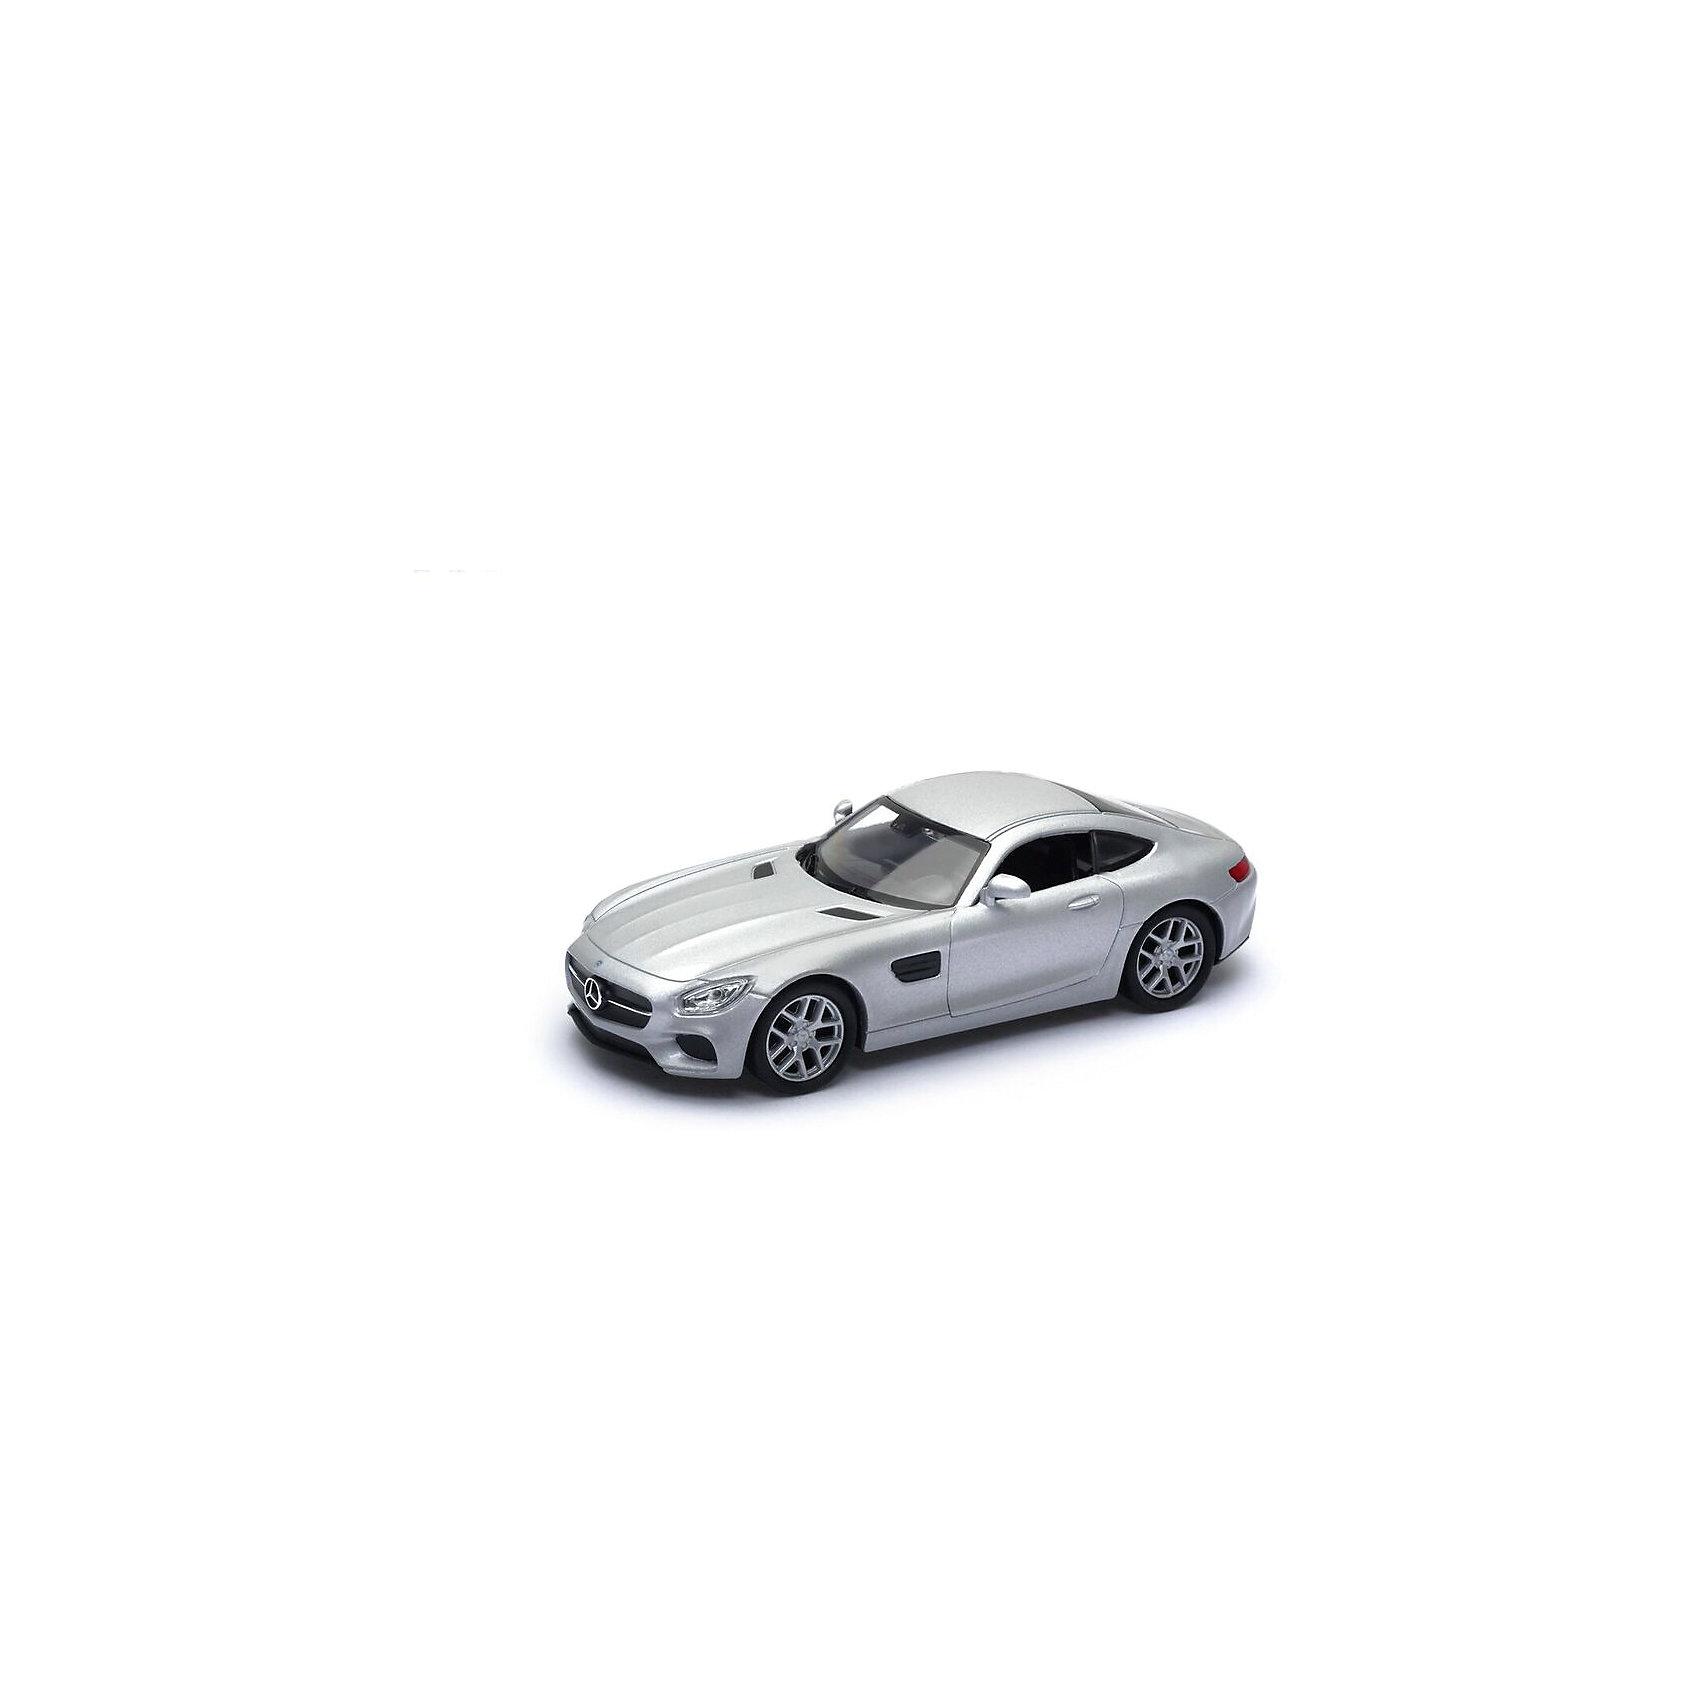 Модель машины 1:34-39 Mercedes-Benz AMG GT, серебрянная, Welly